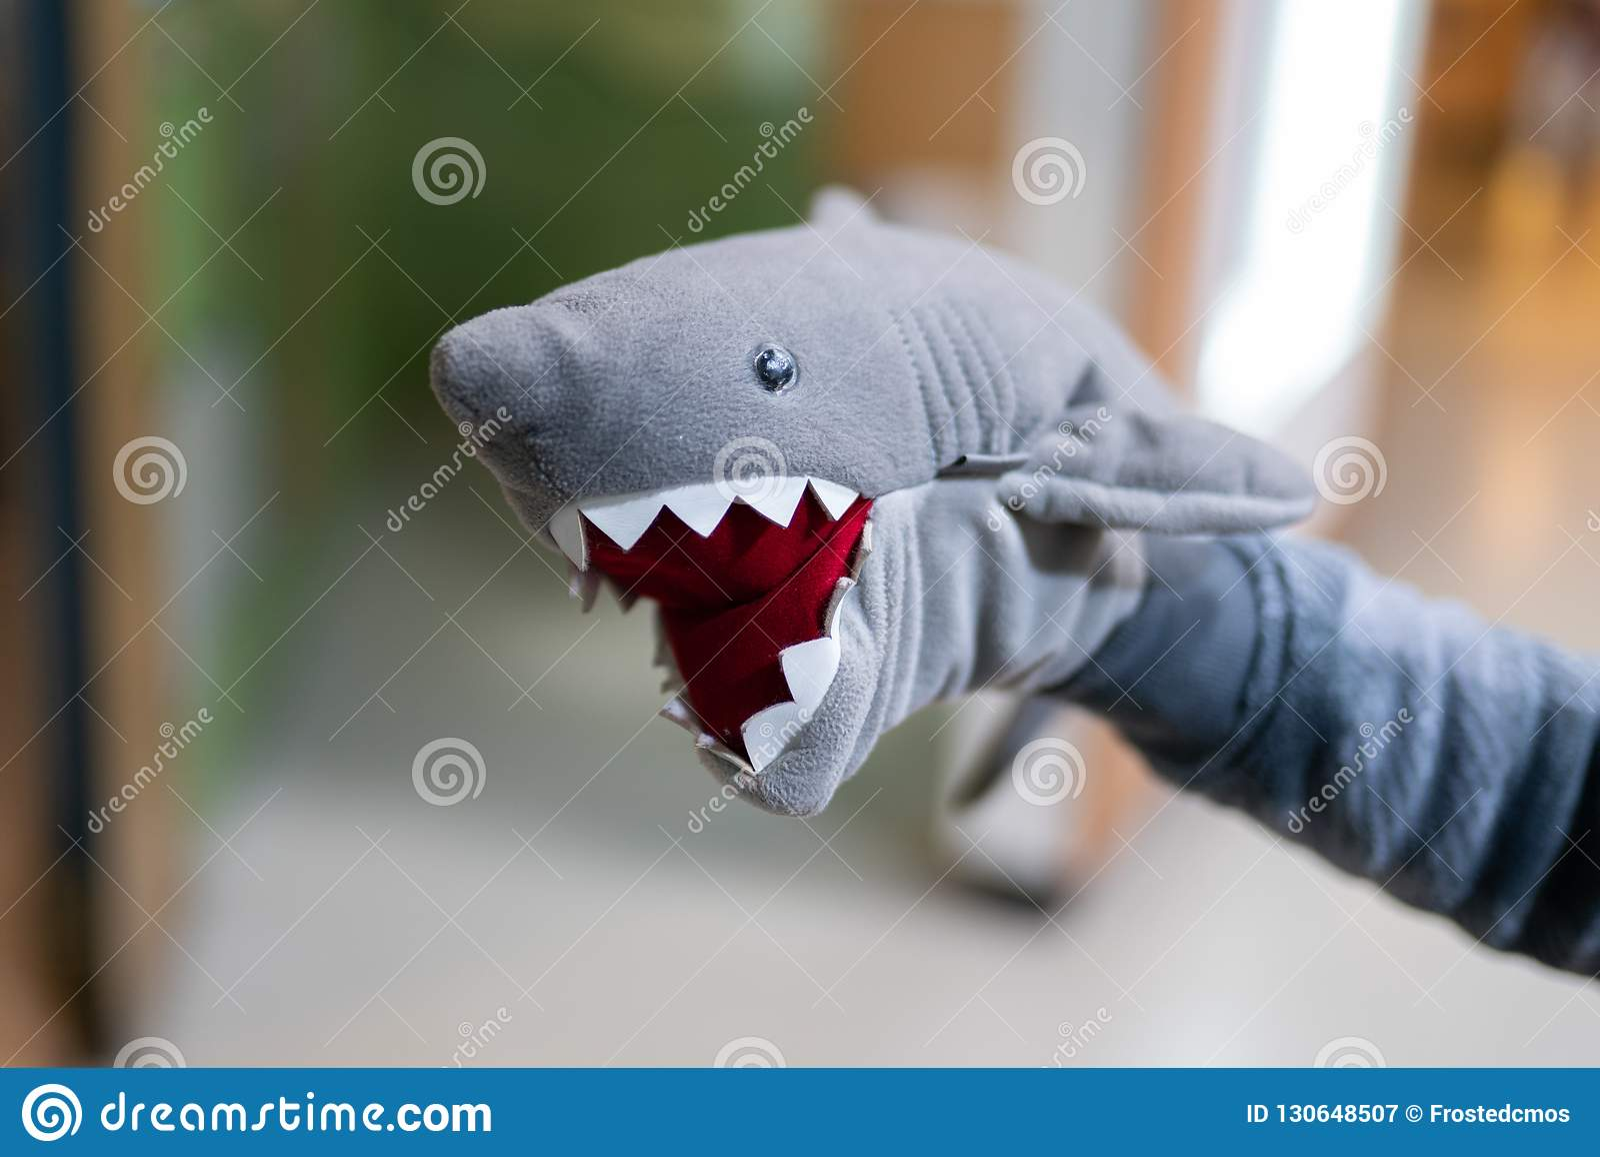 Brinquedo enchido do tubarão na mão